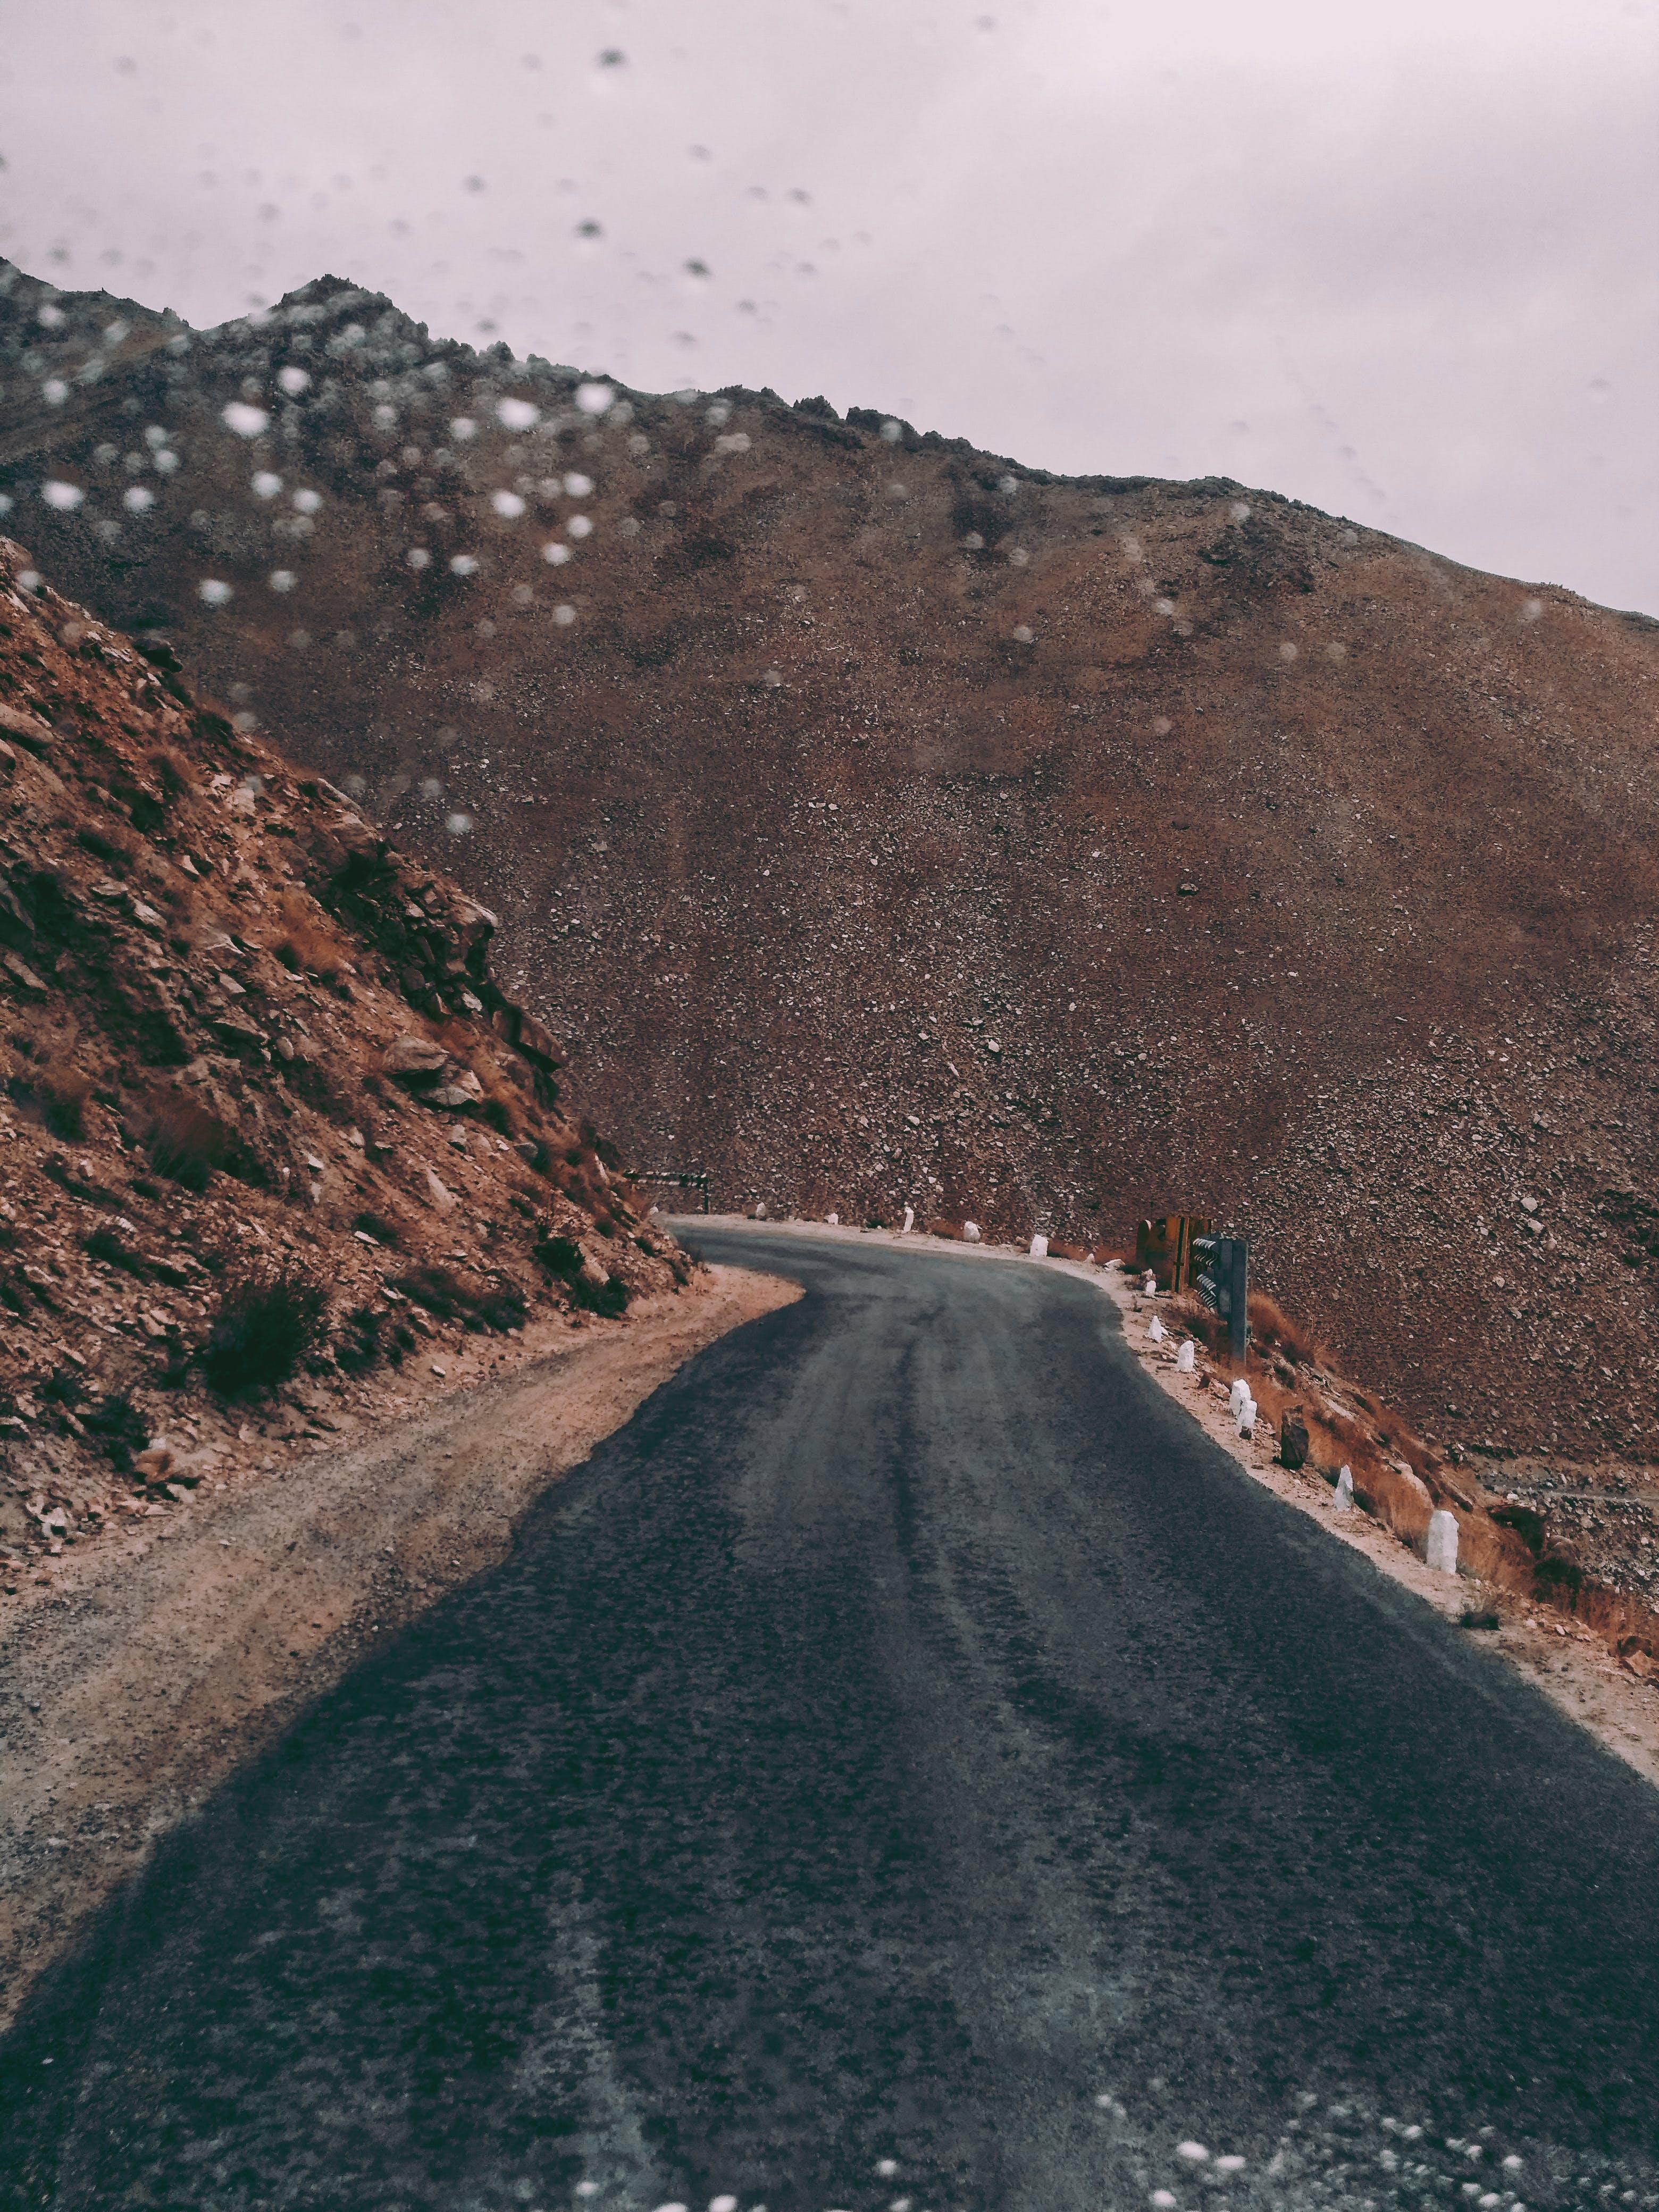 Black Asphalt Road Beside Brown Rock Formation